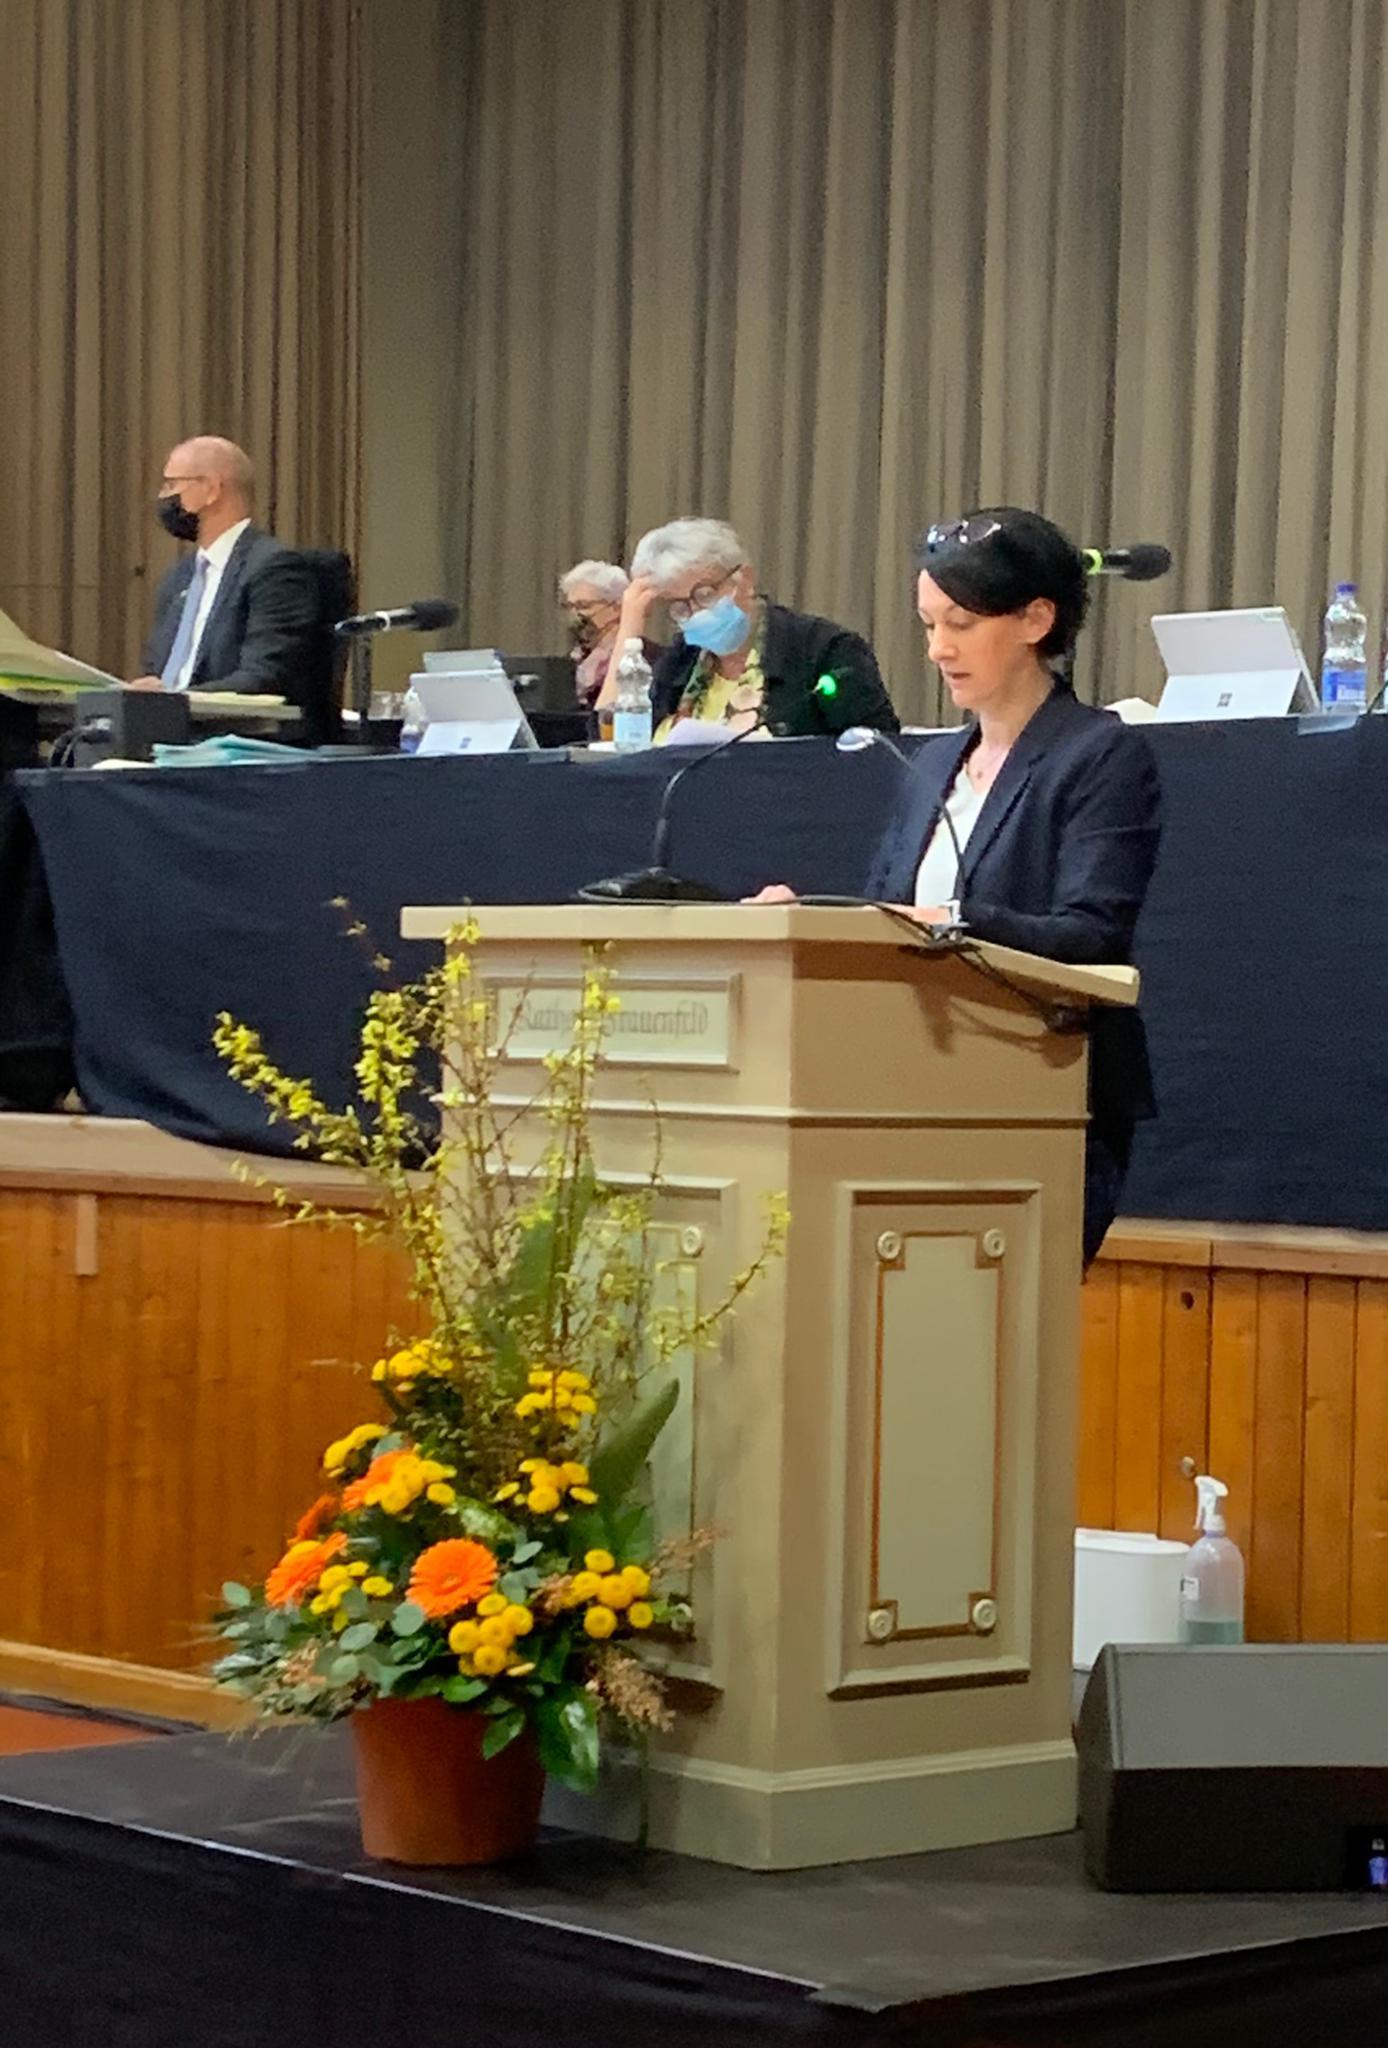 Votum Motion im Kantonsrat TG «Bekämpfung von Missbräuchen bei Praktika», 10.03.2021